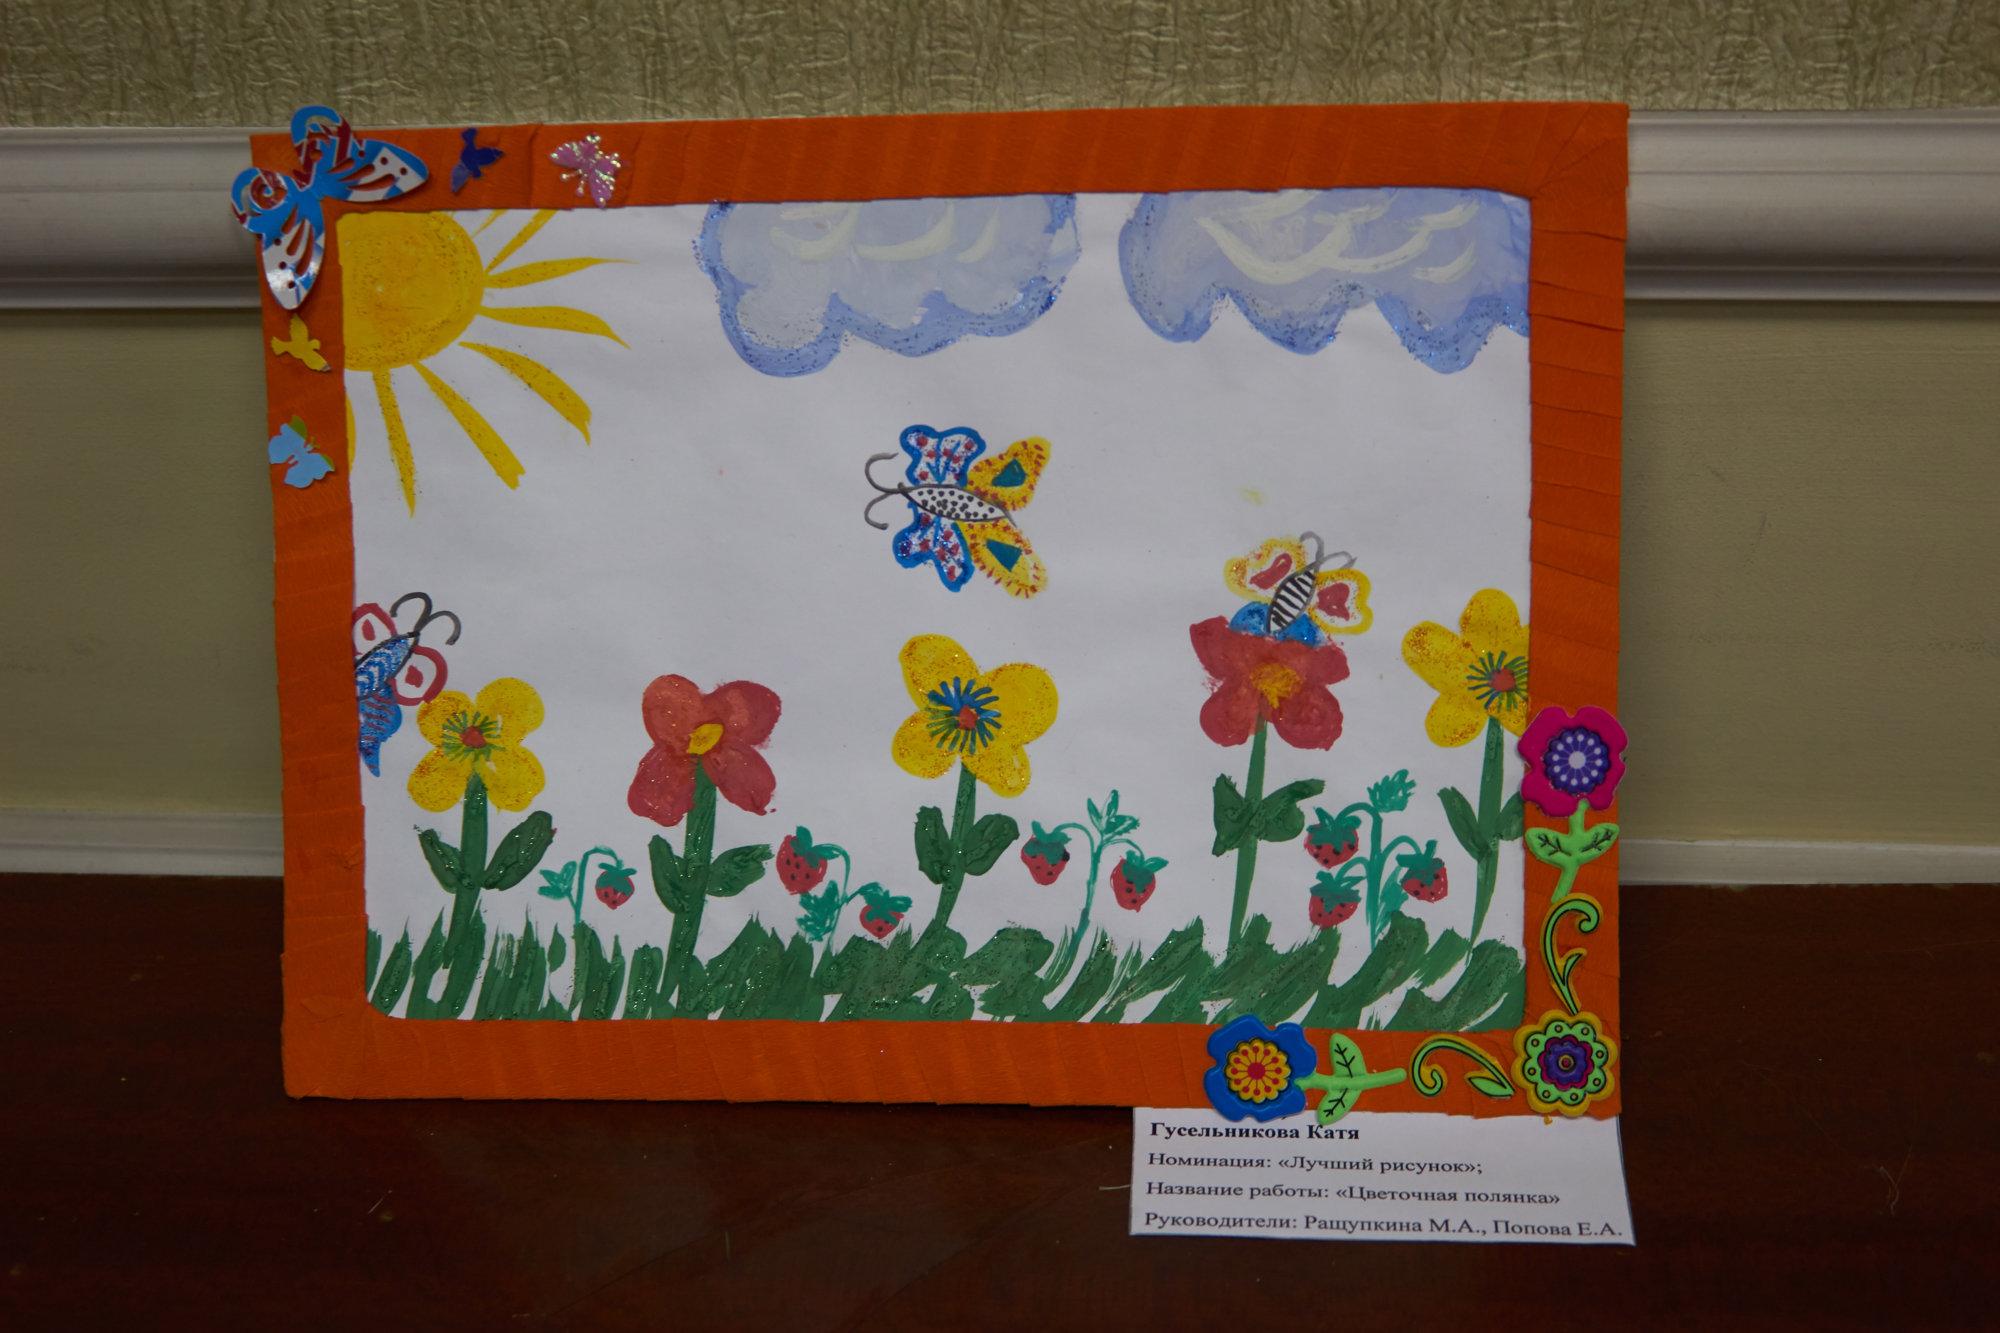 МБДОУ 49 Цветочная полянка